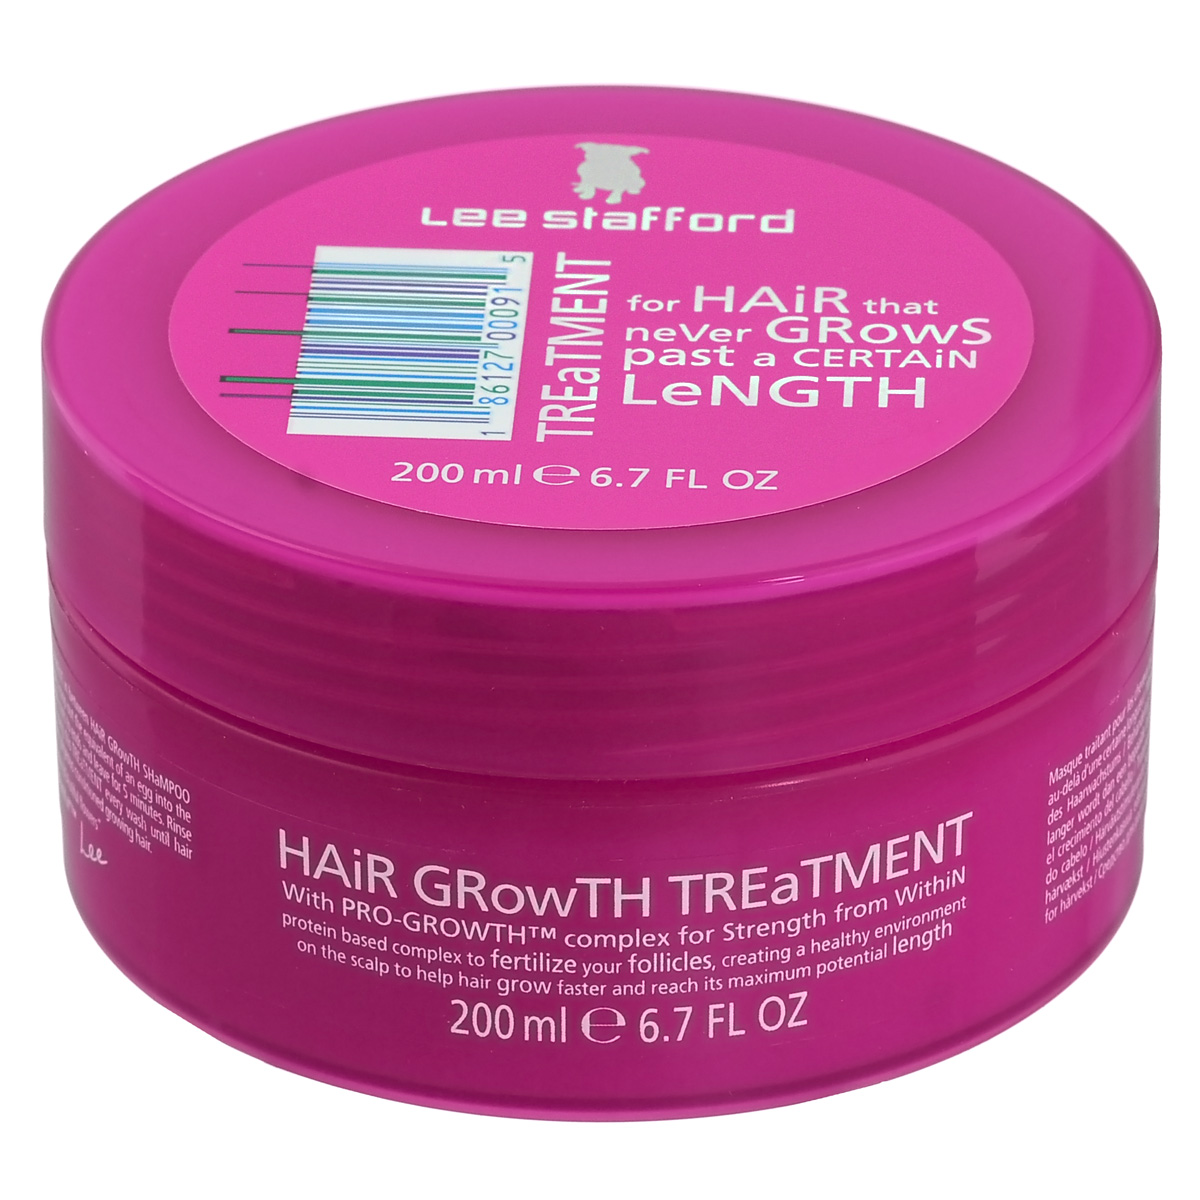 Lee Stafford Маска для роста волос Hair Growth, 200 мл72523WD200217 Lee Stafford Маска для роста волос Hair Growth Treatment, 200 мл. Бережно ухаживает за волосами. Помогает сделать расчесывание волос более легким, придает волосам природный блеск и ухоженный вид